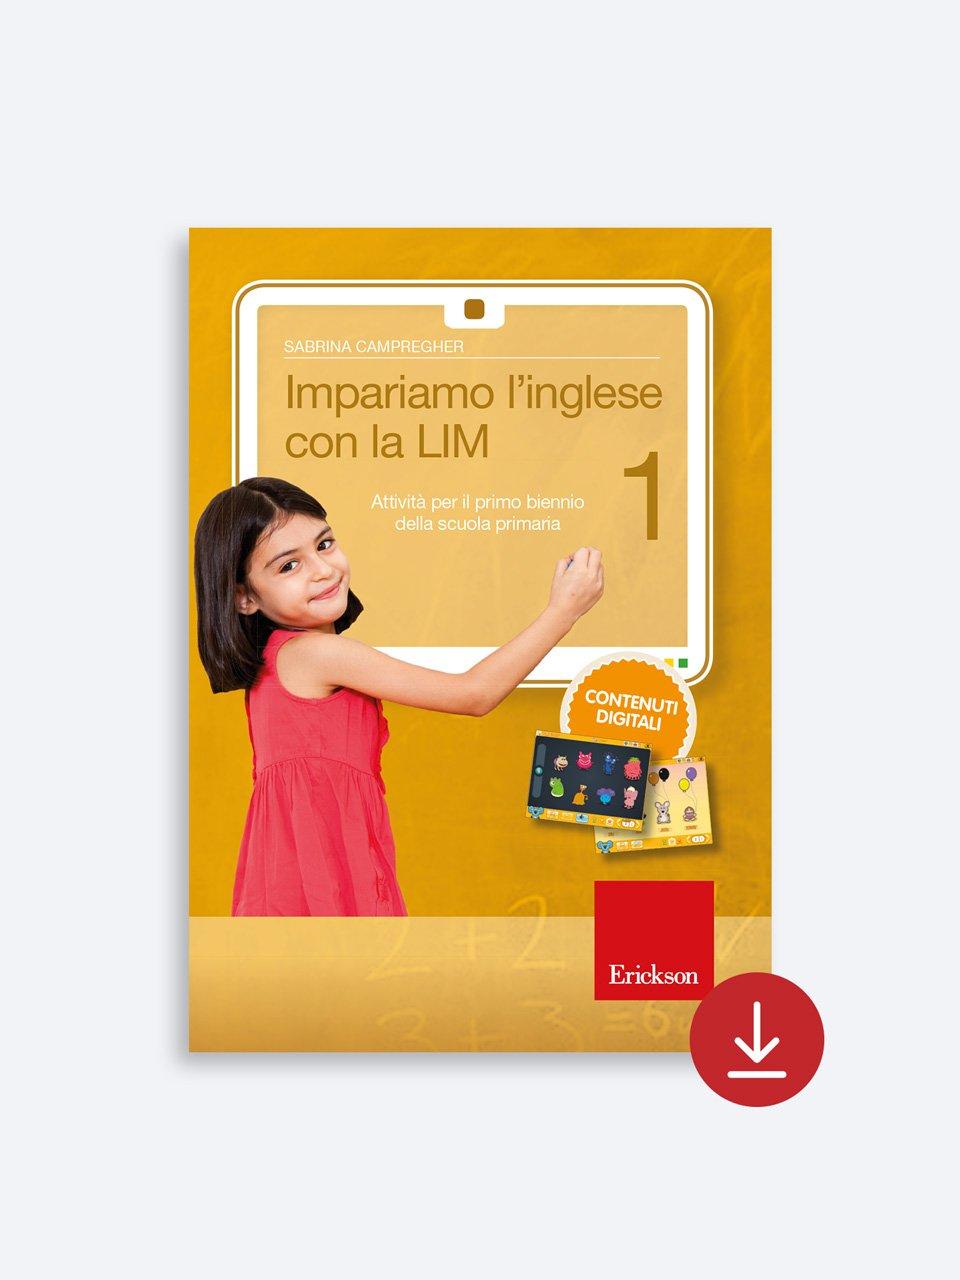 Impariamo l'inglese con la LIM 1 - Hallo Deutsch! - Libri - App e software - Erickson 2